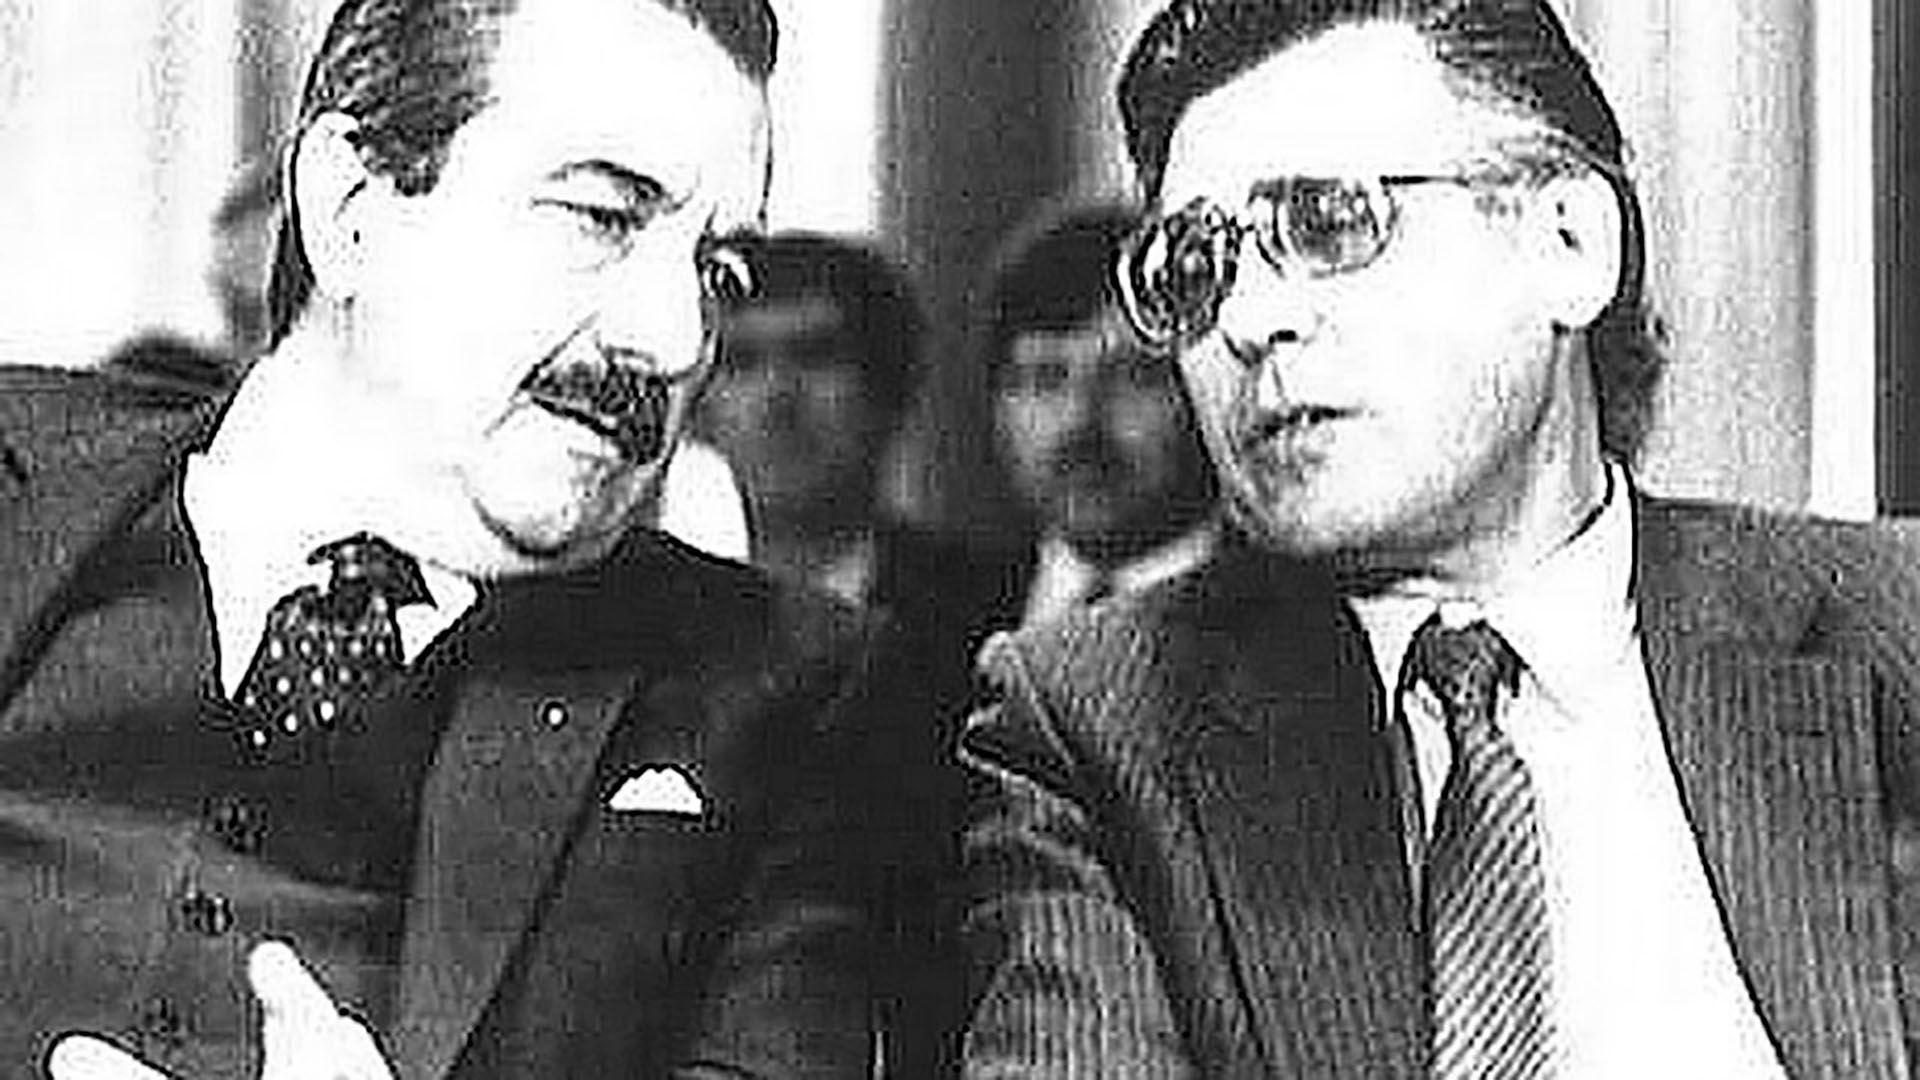 Alfonsin y su más duradero ministro de Economía, Juan Vital Sourrouille. No lograron sostener el Plan Austral y el Plan Primavera se terminó de desarmar a principios de 2009, cuando el gobierno volvió a desdoblar el mercado cambiario. La híperinflación esperaba a la vuelta de la esquina